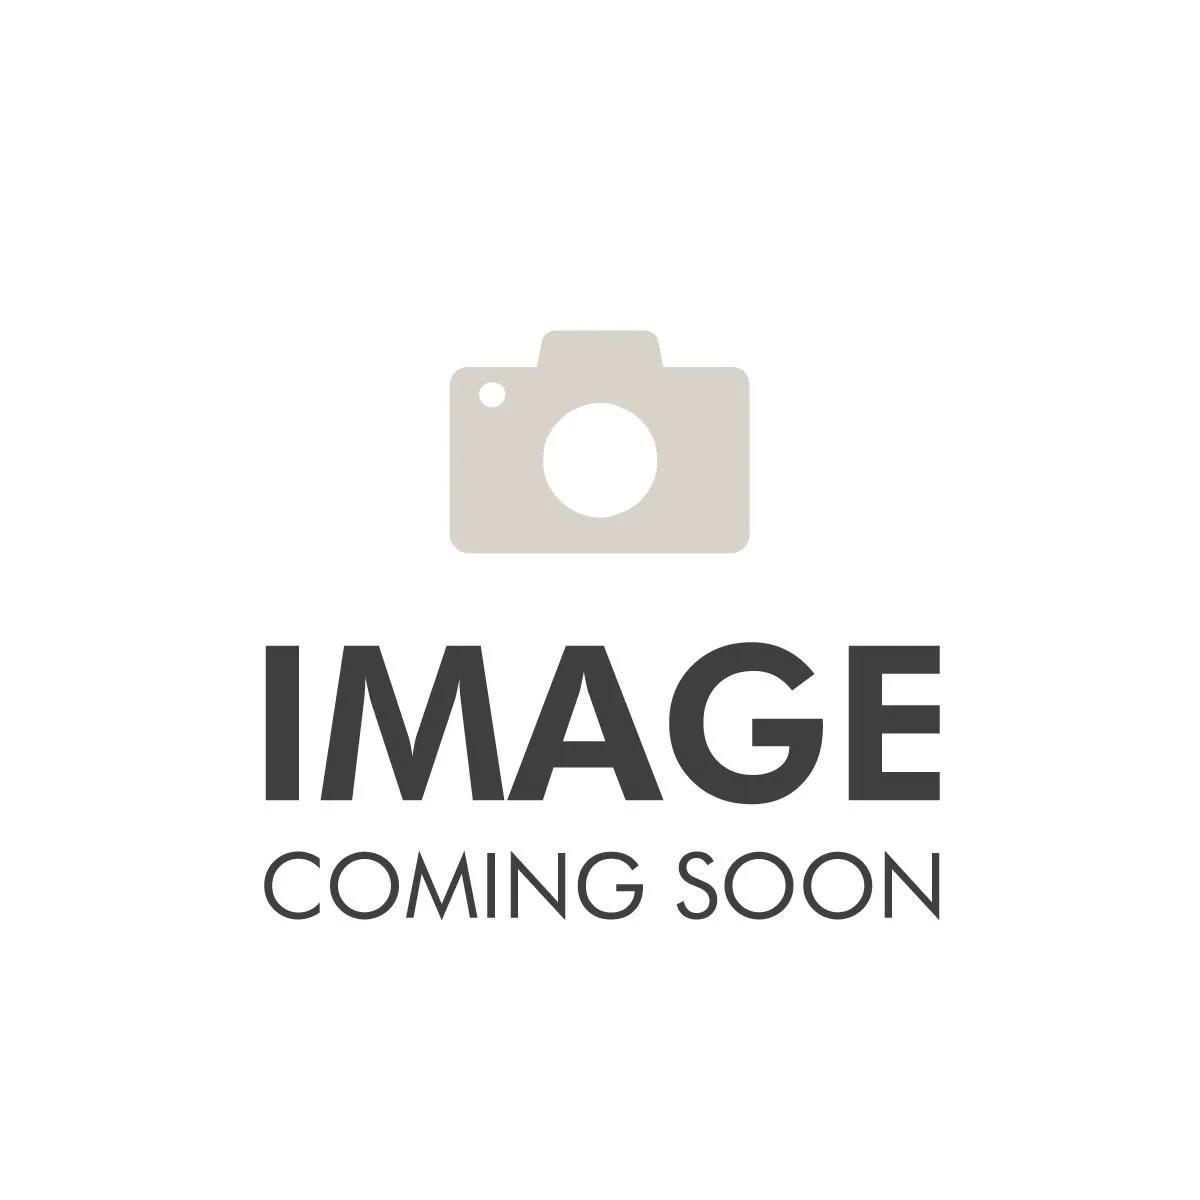 Fits 1981-1985 Jeep CJ8 Scrambler Front To Rear Brake Line Set Center OE Steel